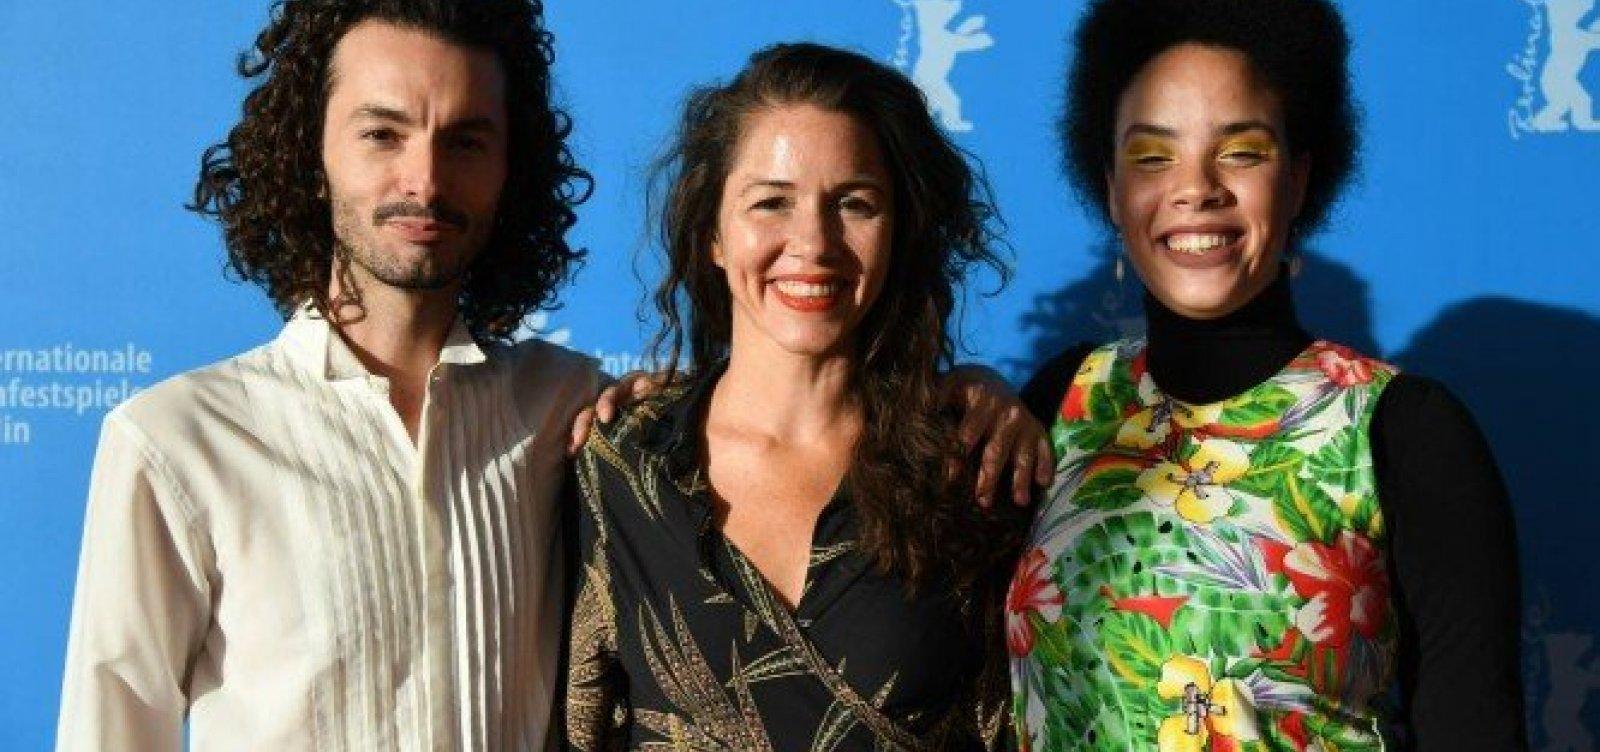 9de2f31ba7cc9 Filme brasileiro ganha prêmio da Anistia Internacional no Festival de Berlim